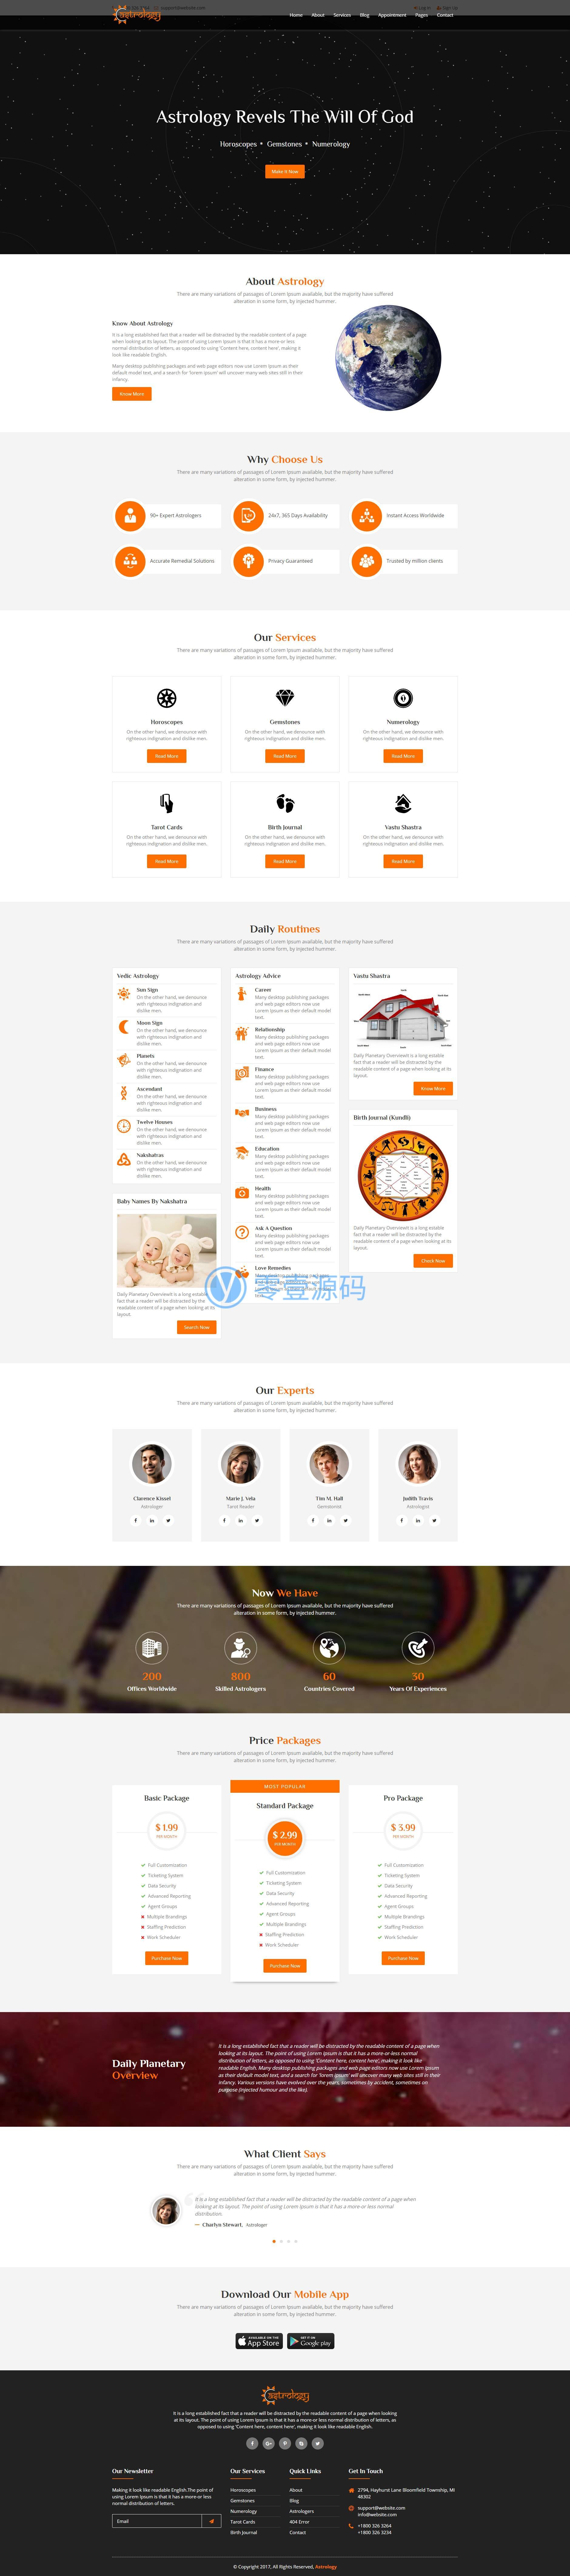 橙色大气的房屋求风水网站html模板